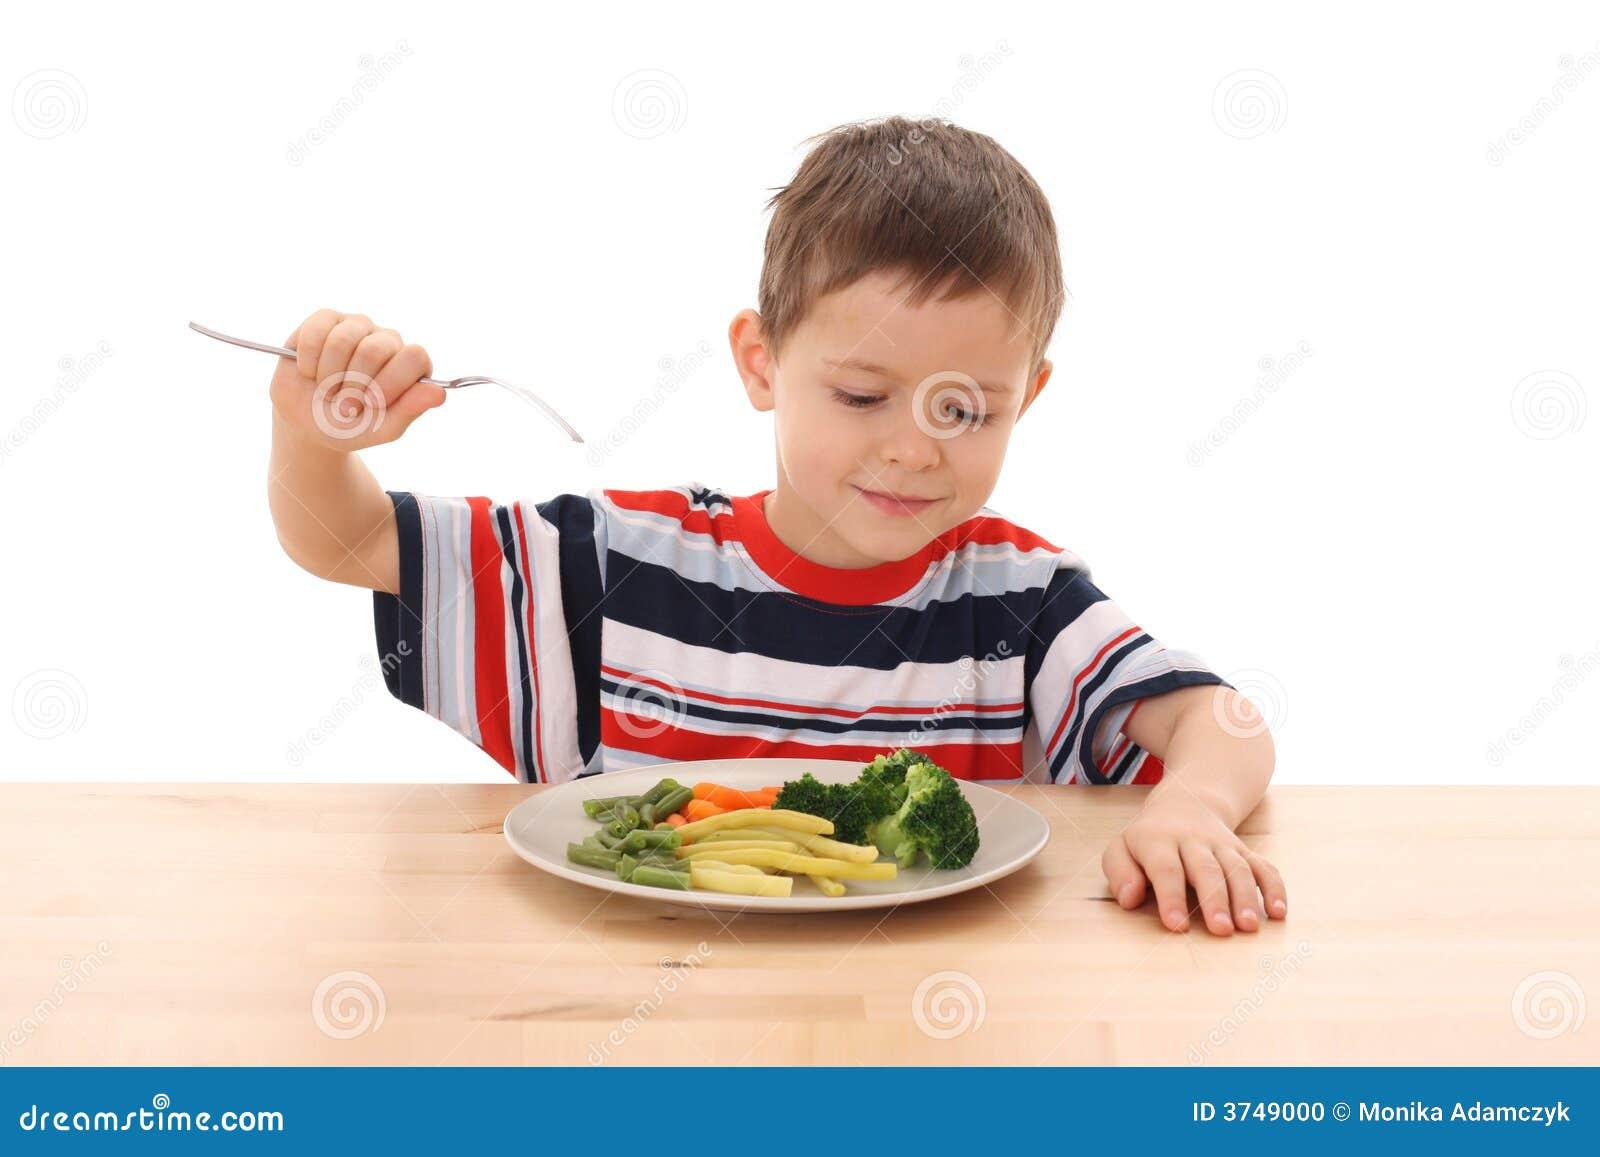 Pojke lagade mat grönsaker